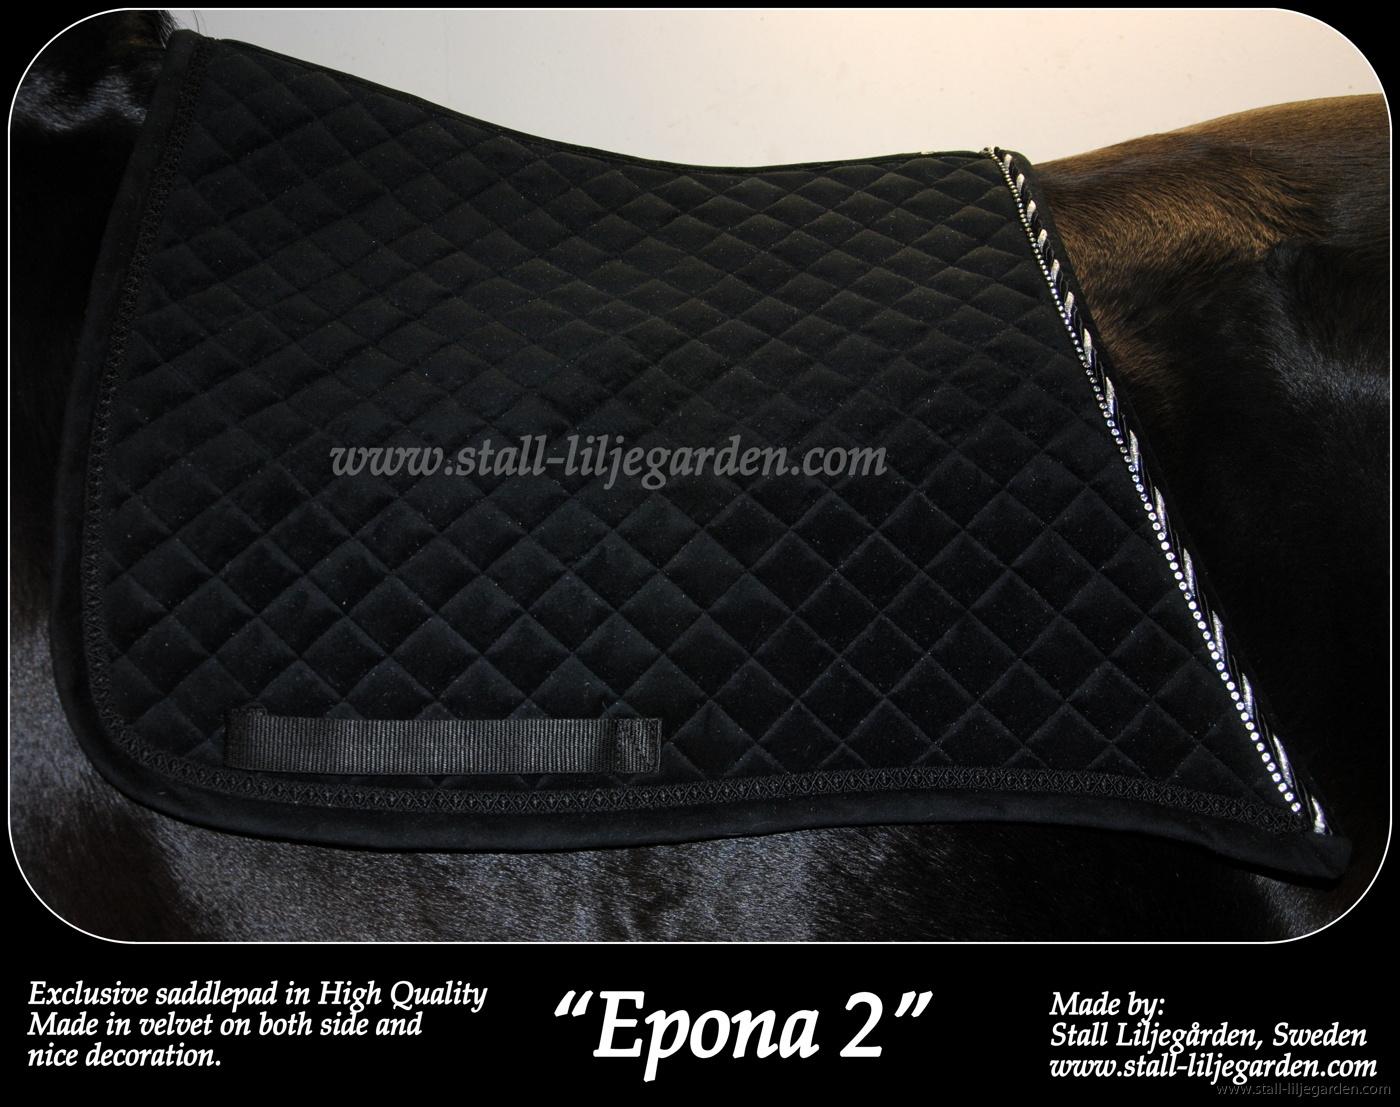 Epona 2